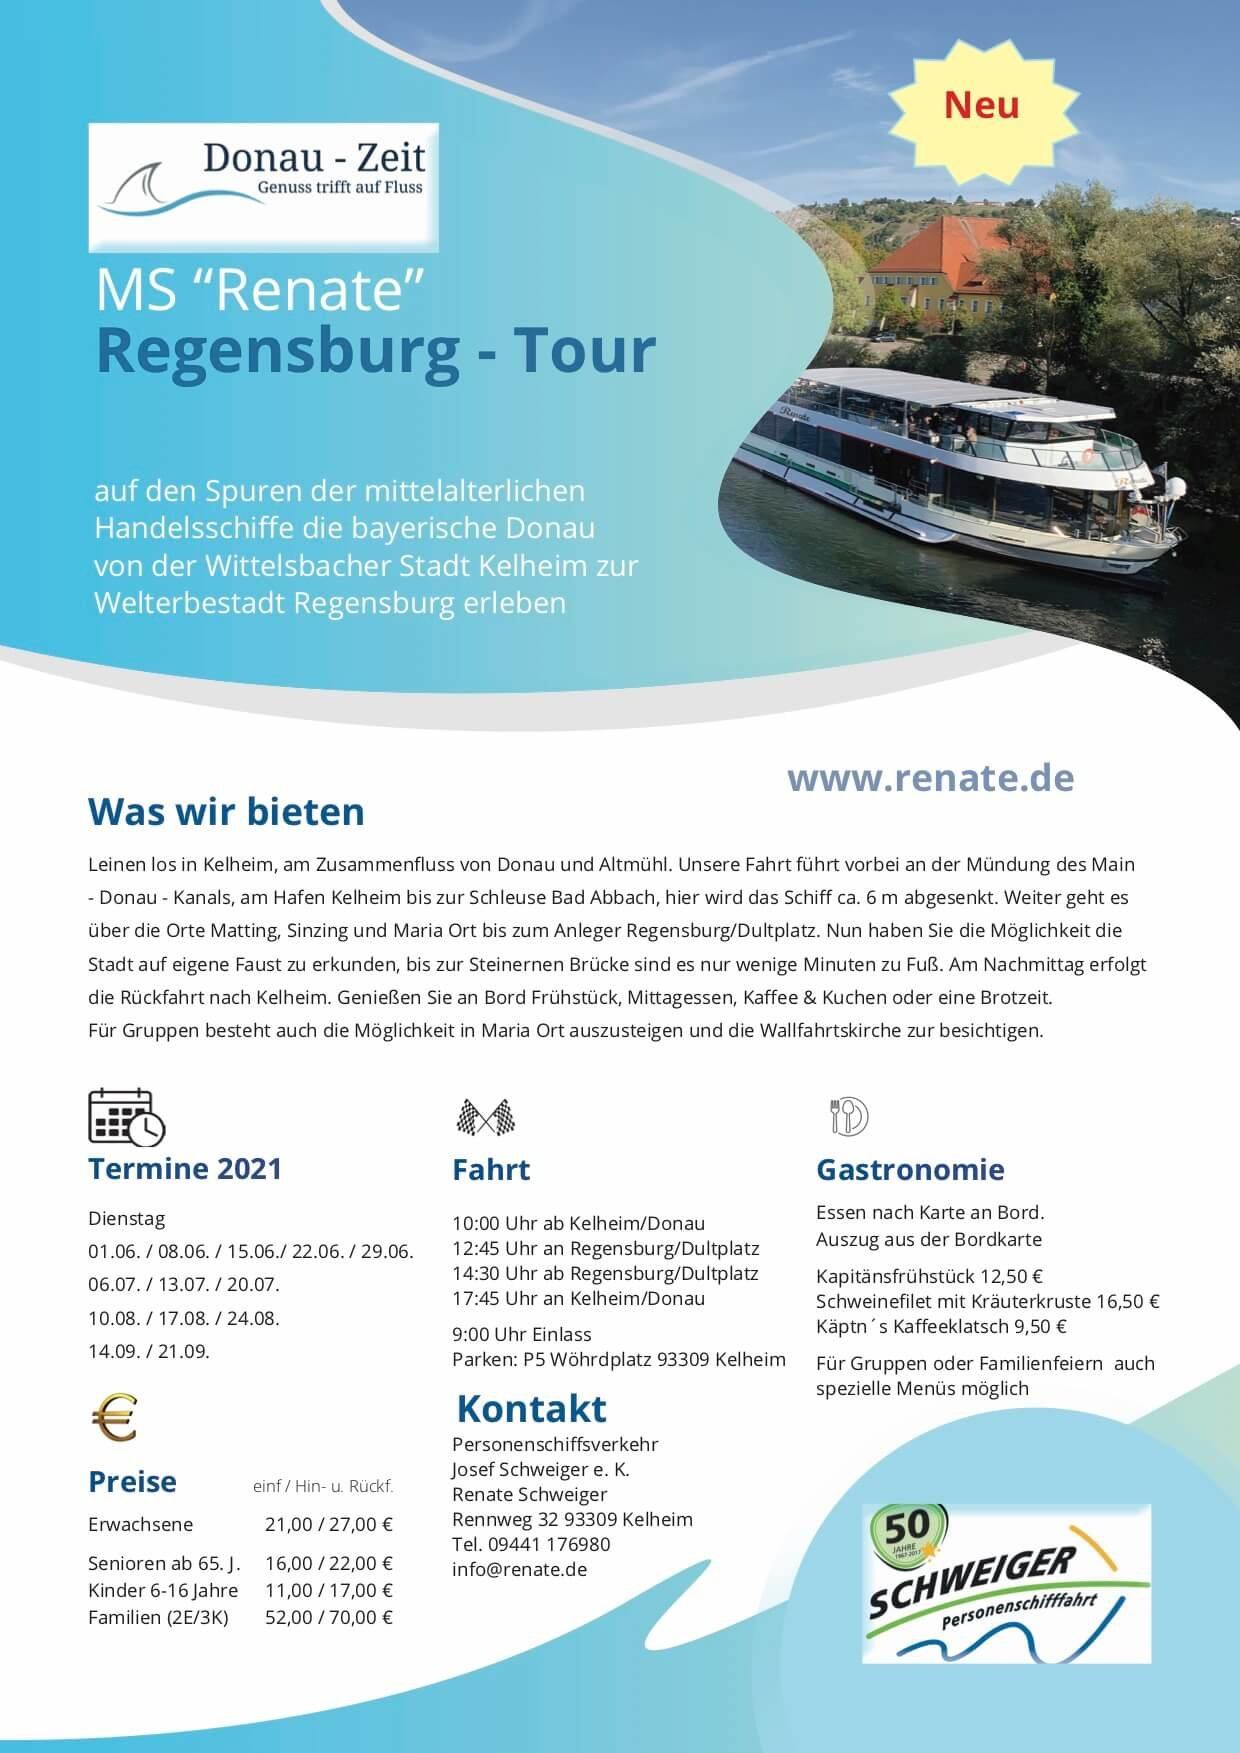 Feste Regensburg 2021